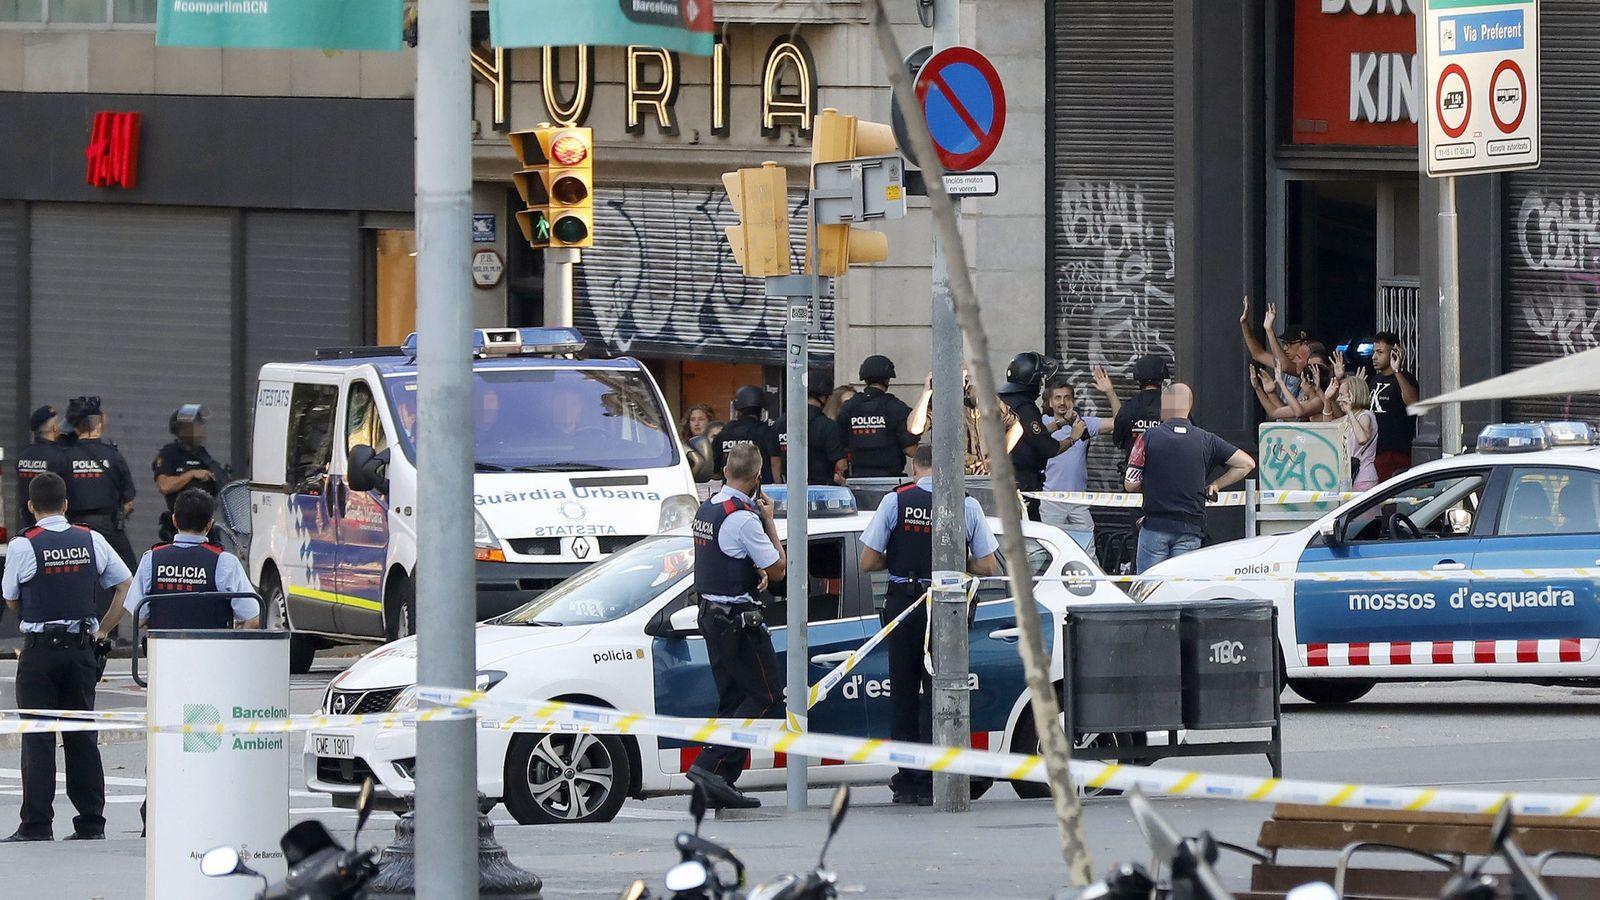 Foto: Despliegue policial en el lugar del atentado ocurrido el 17 de agosto de 2017 en las Ramblas de Barcelona. (EFE)